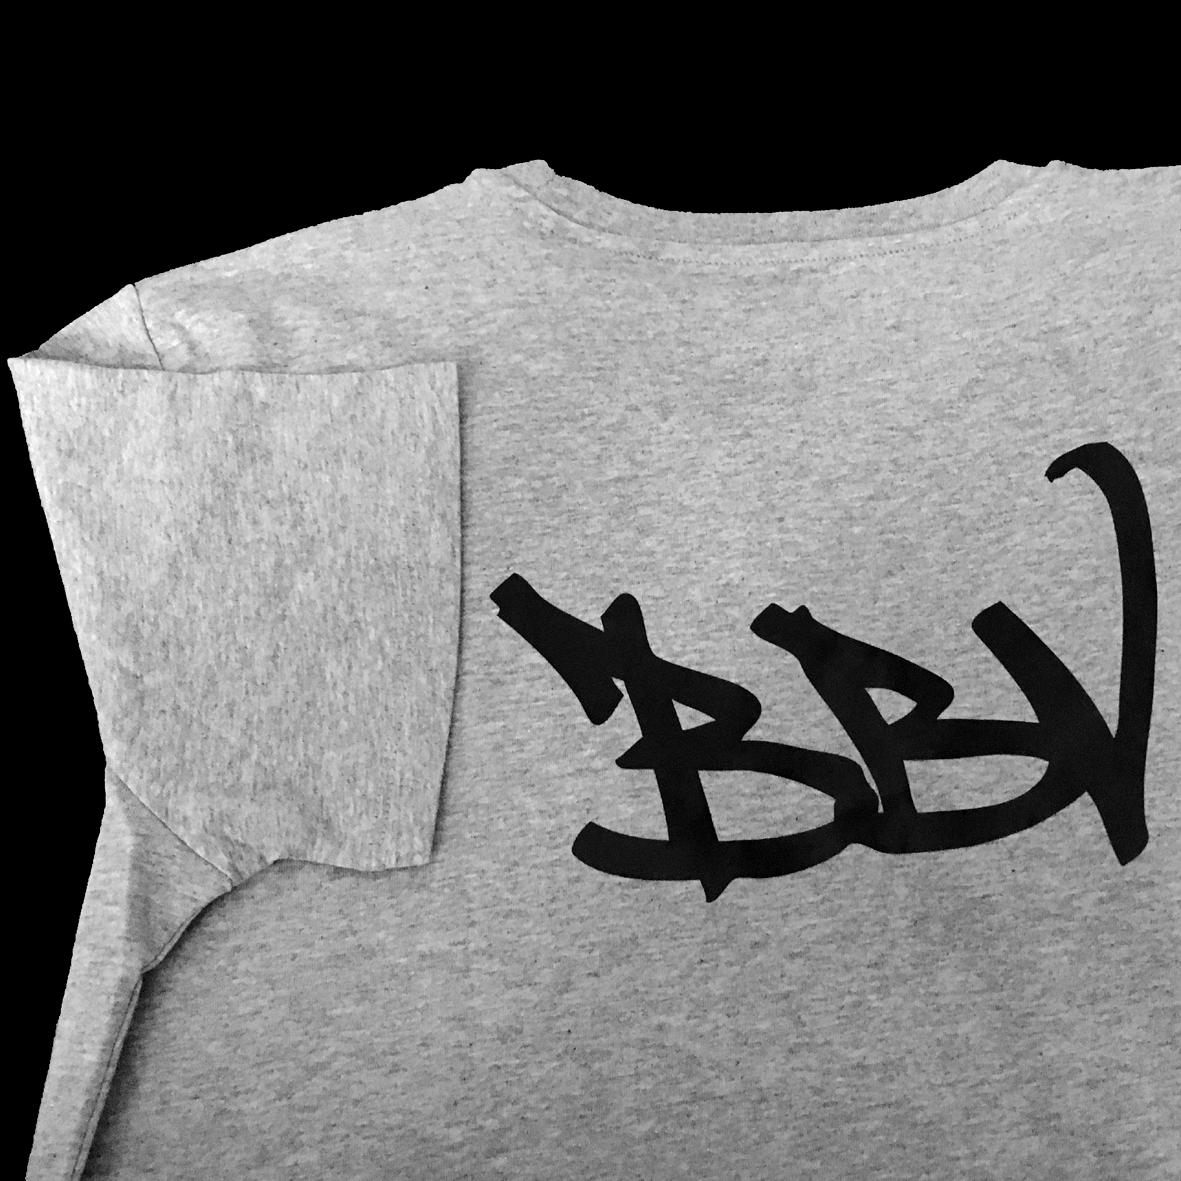 T-Shirt_01 (1)